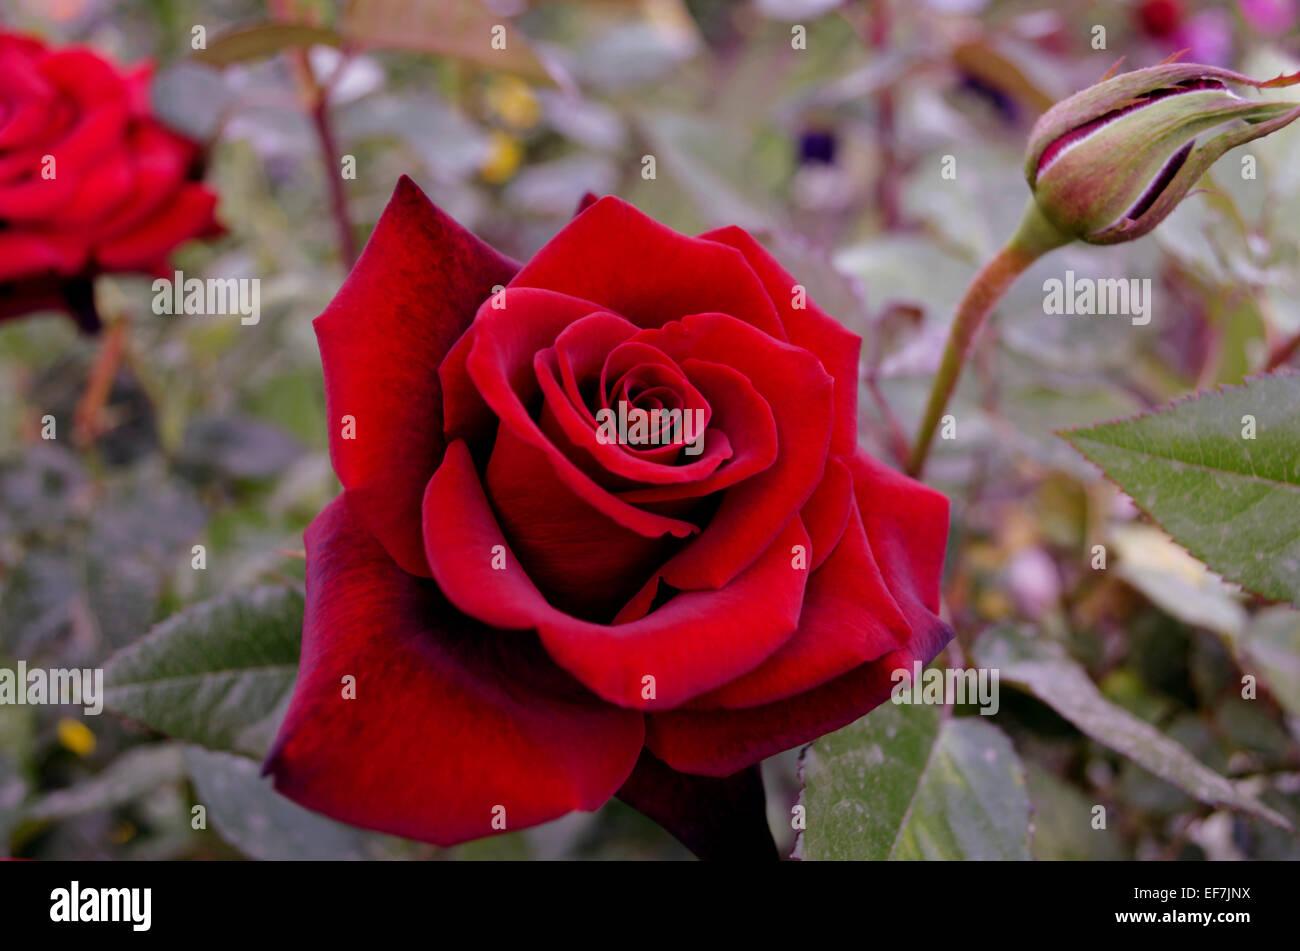 Rose rouge foncé avec des veines noires sur les pétales Photo Stock